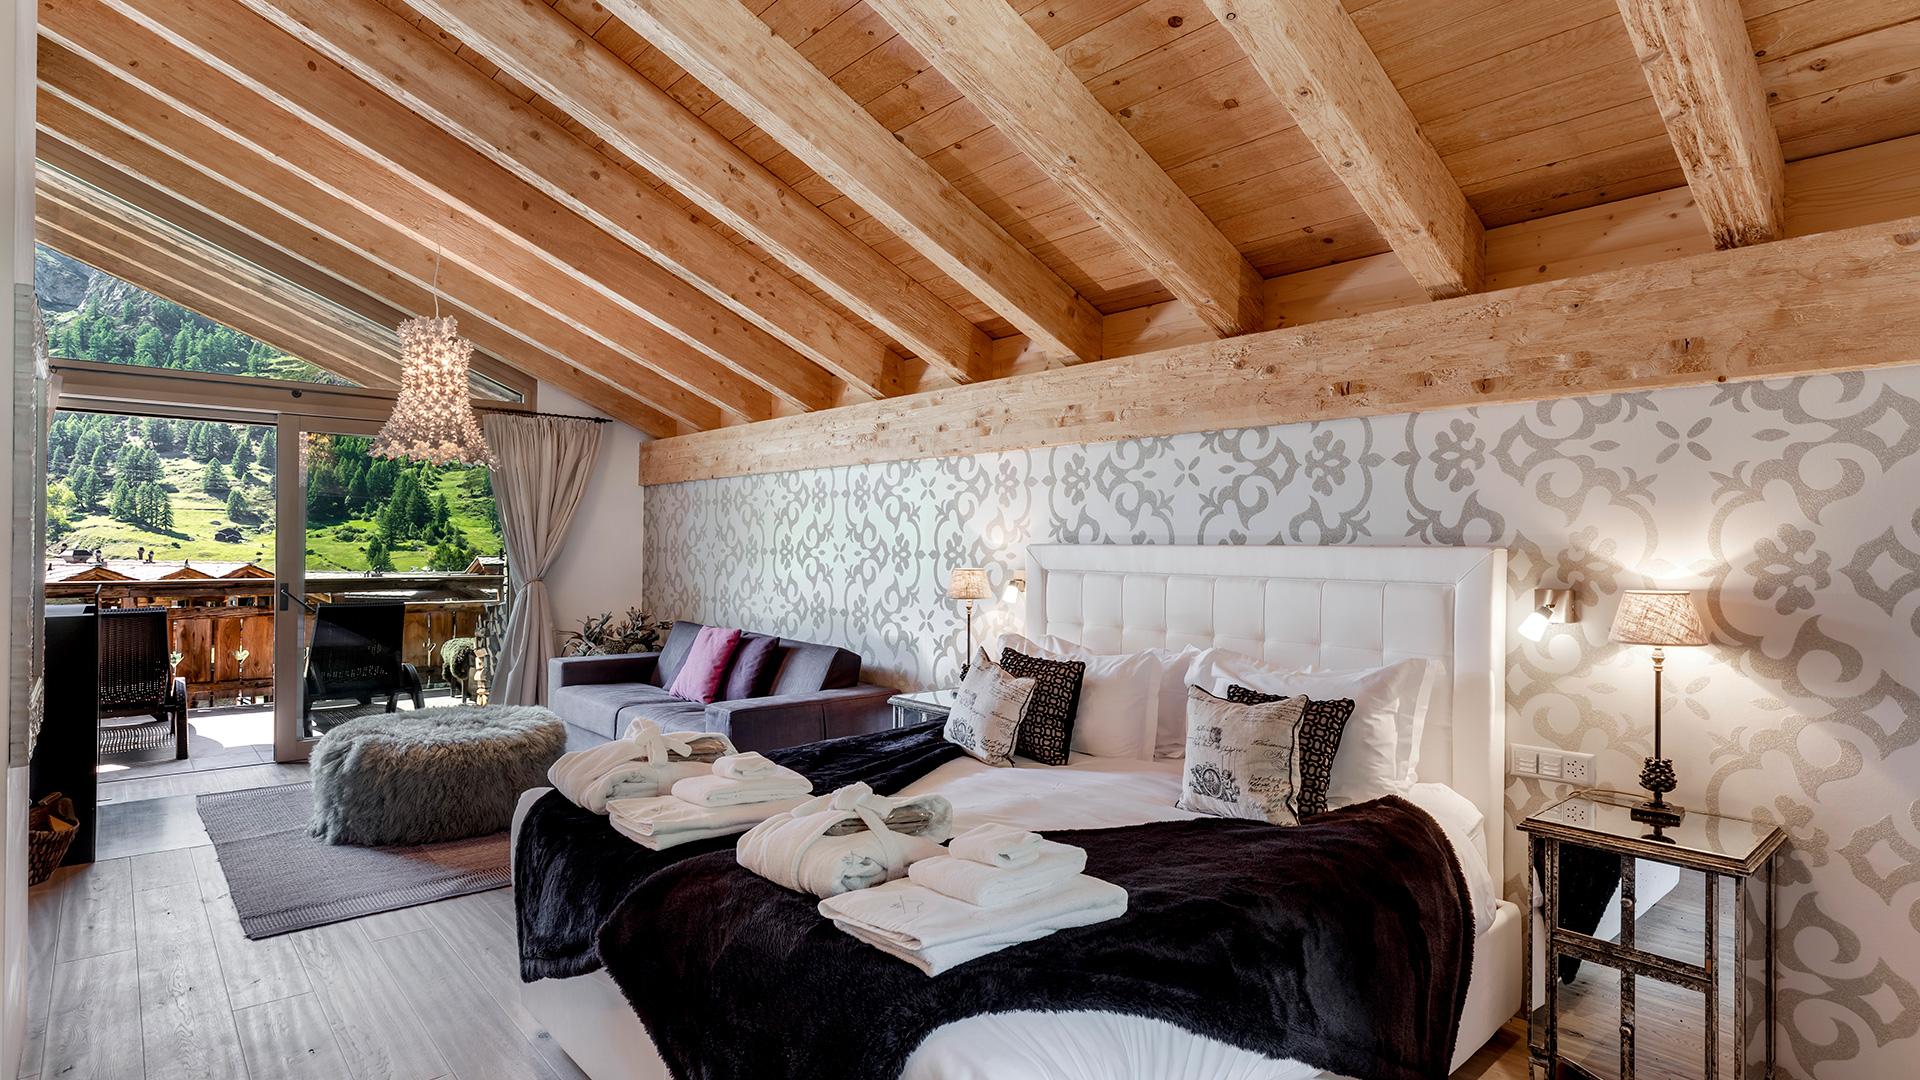 Chalet White Pearl Chalet, Switzerland